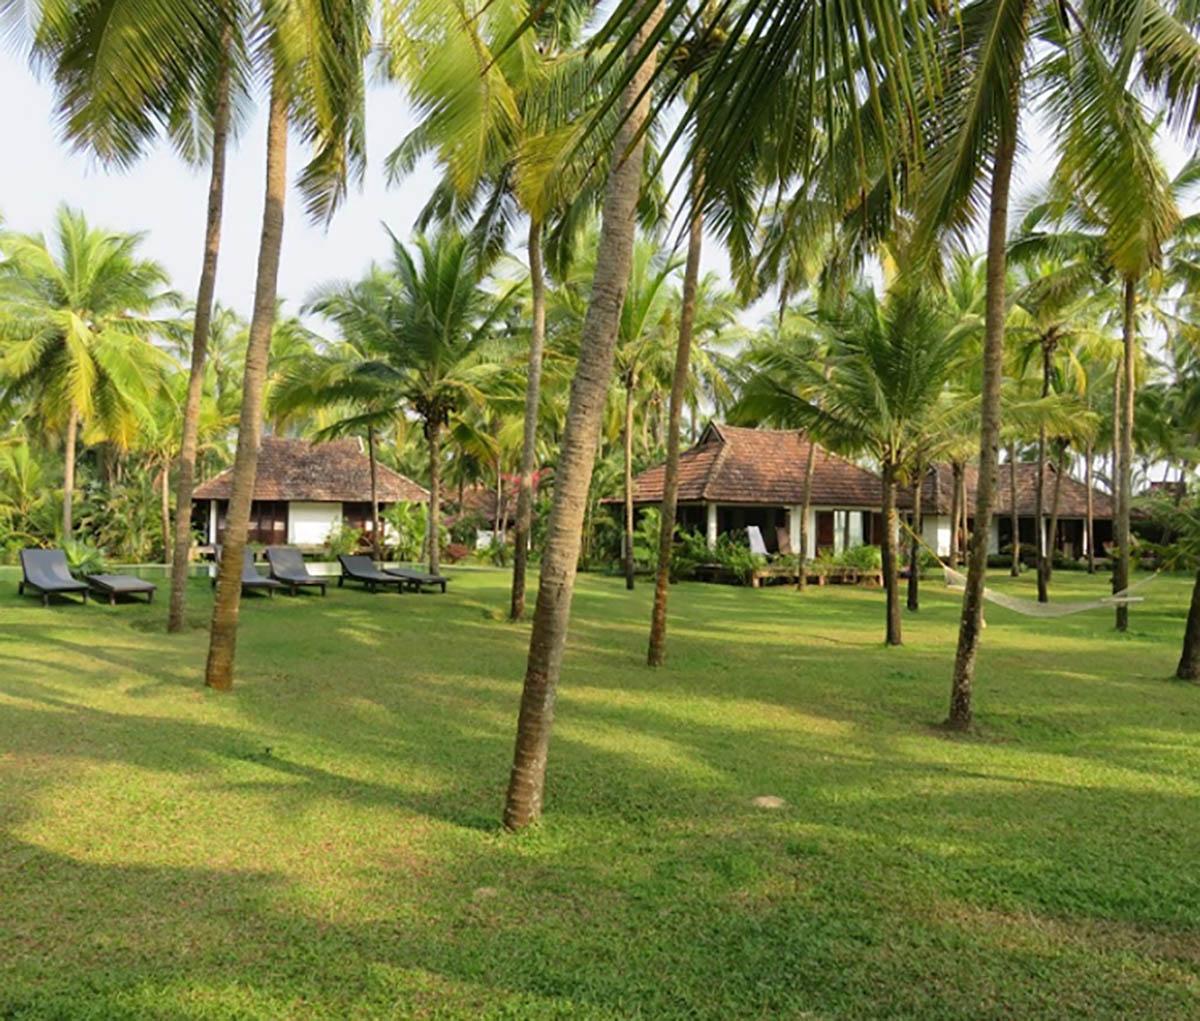 Kanan Beach Resort - Northern Beaches - Nileshwar - Kerala - Icon